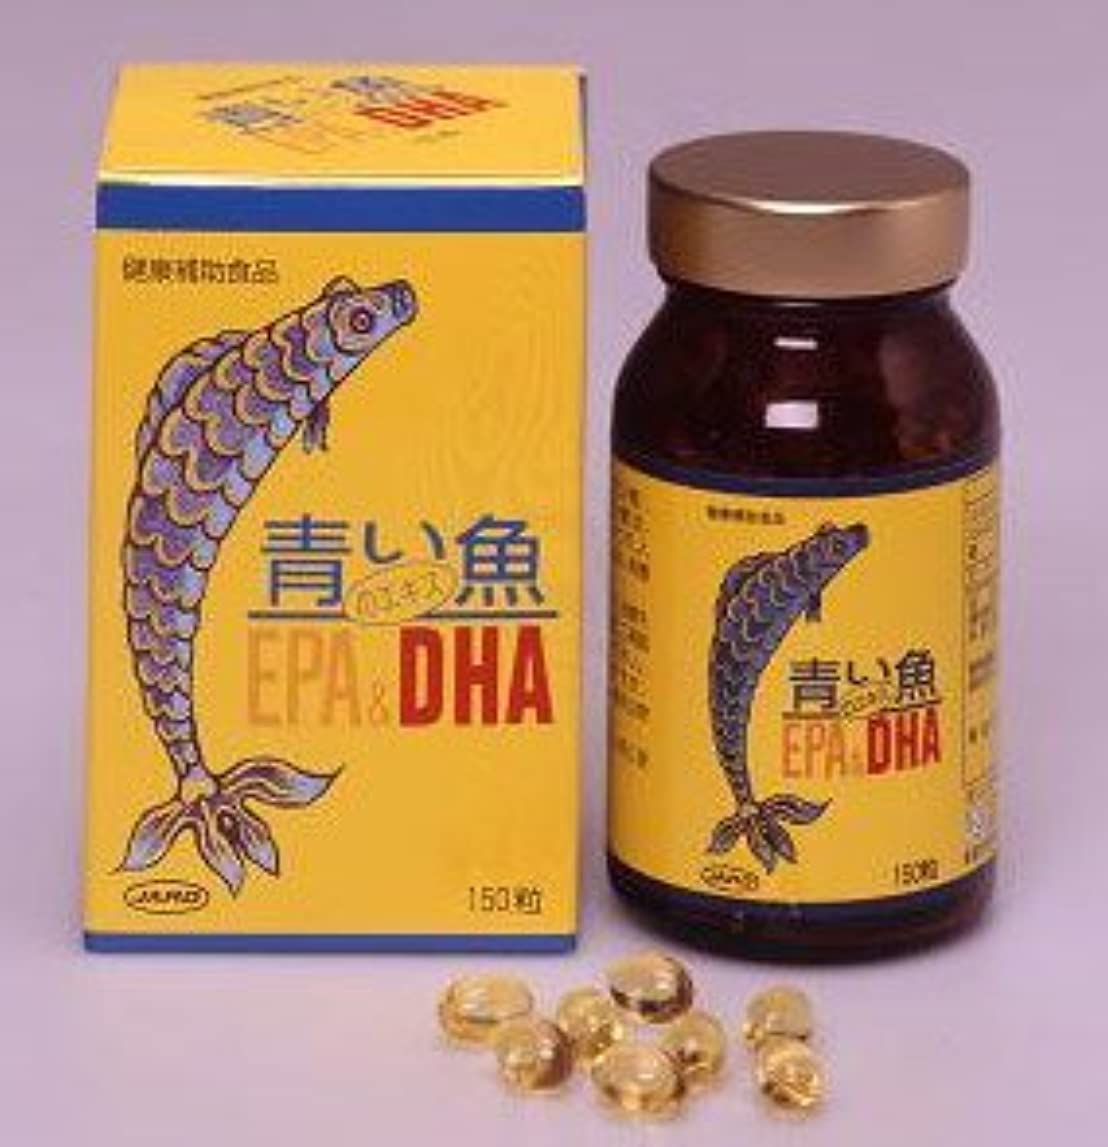 根拠尊敬する癒す青い魚のエキスEPA&DHA(単品)ジャード